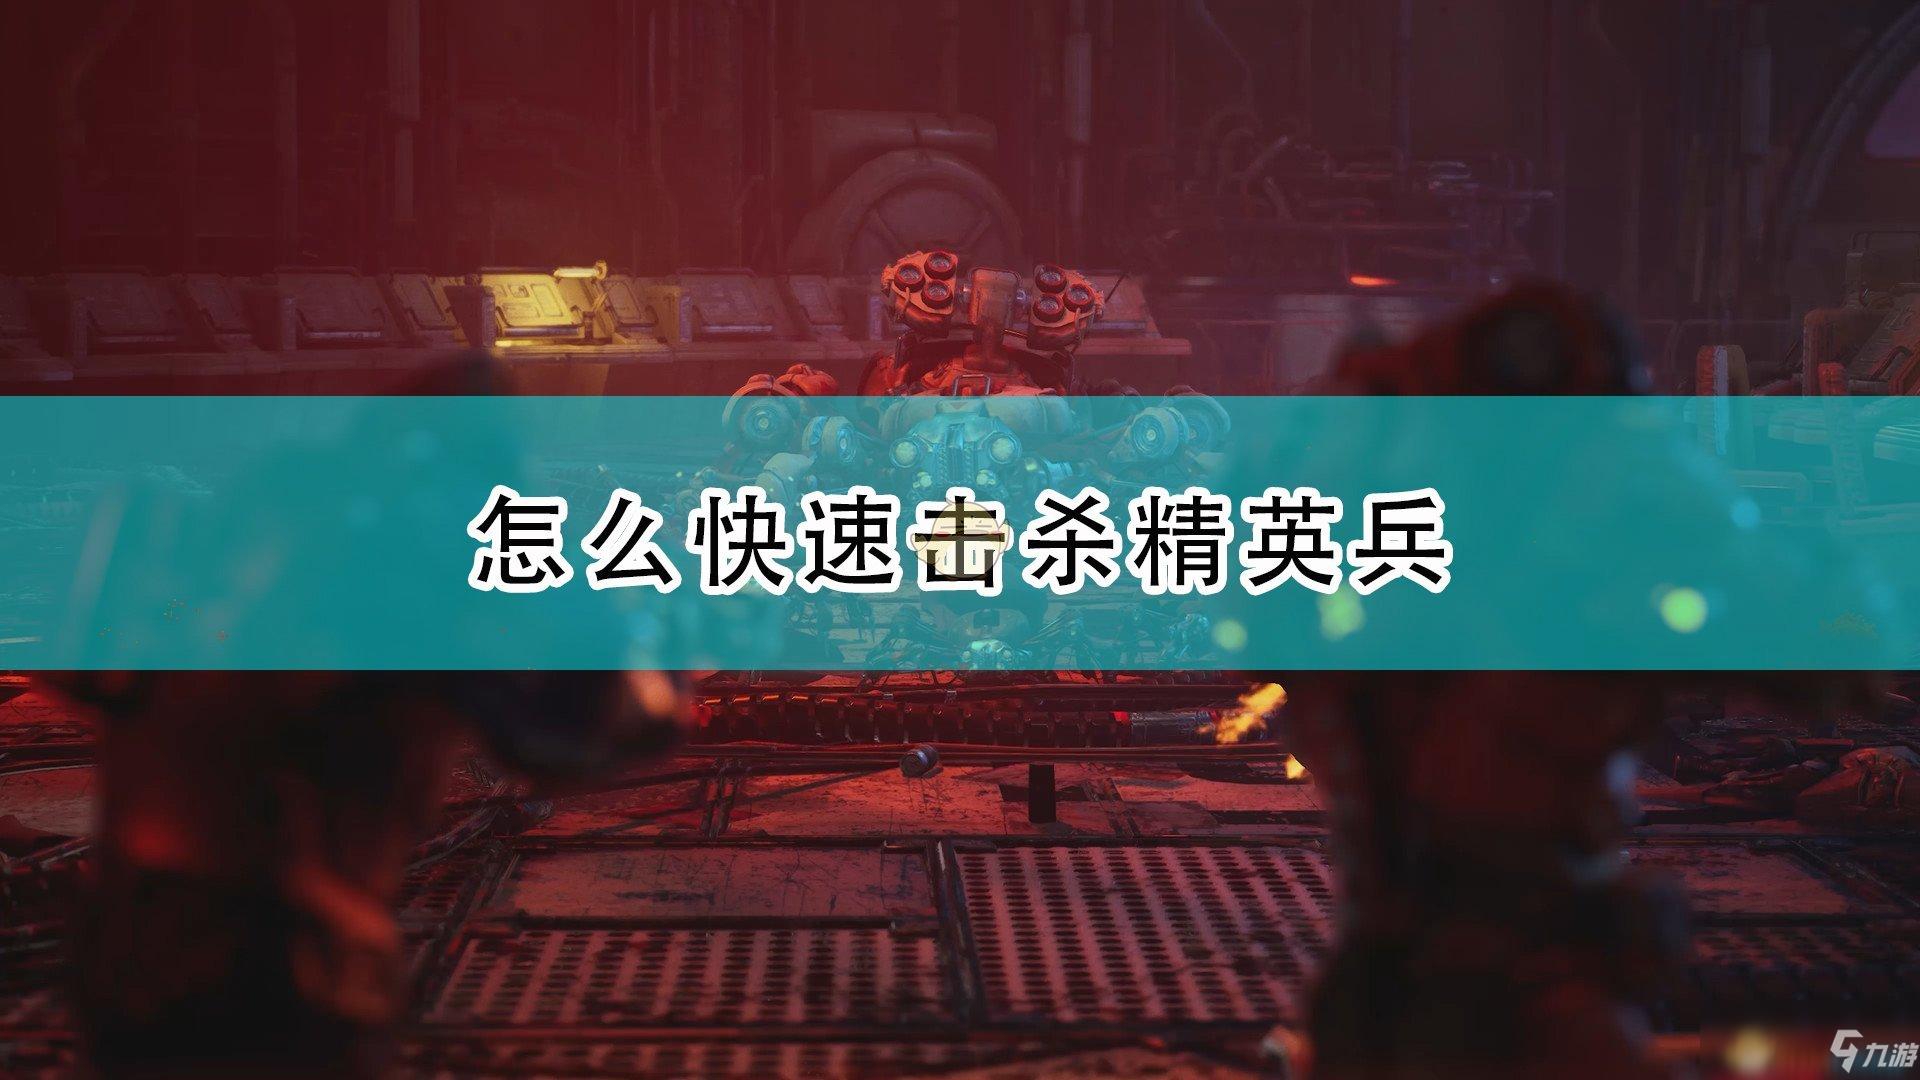 《上行战场》快速击杀精英兵方法介绍